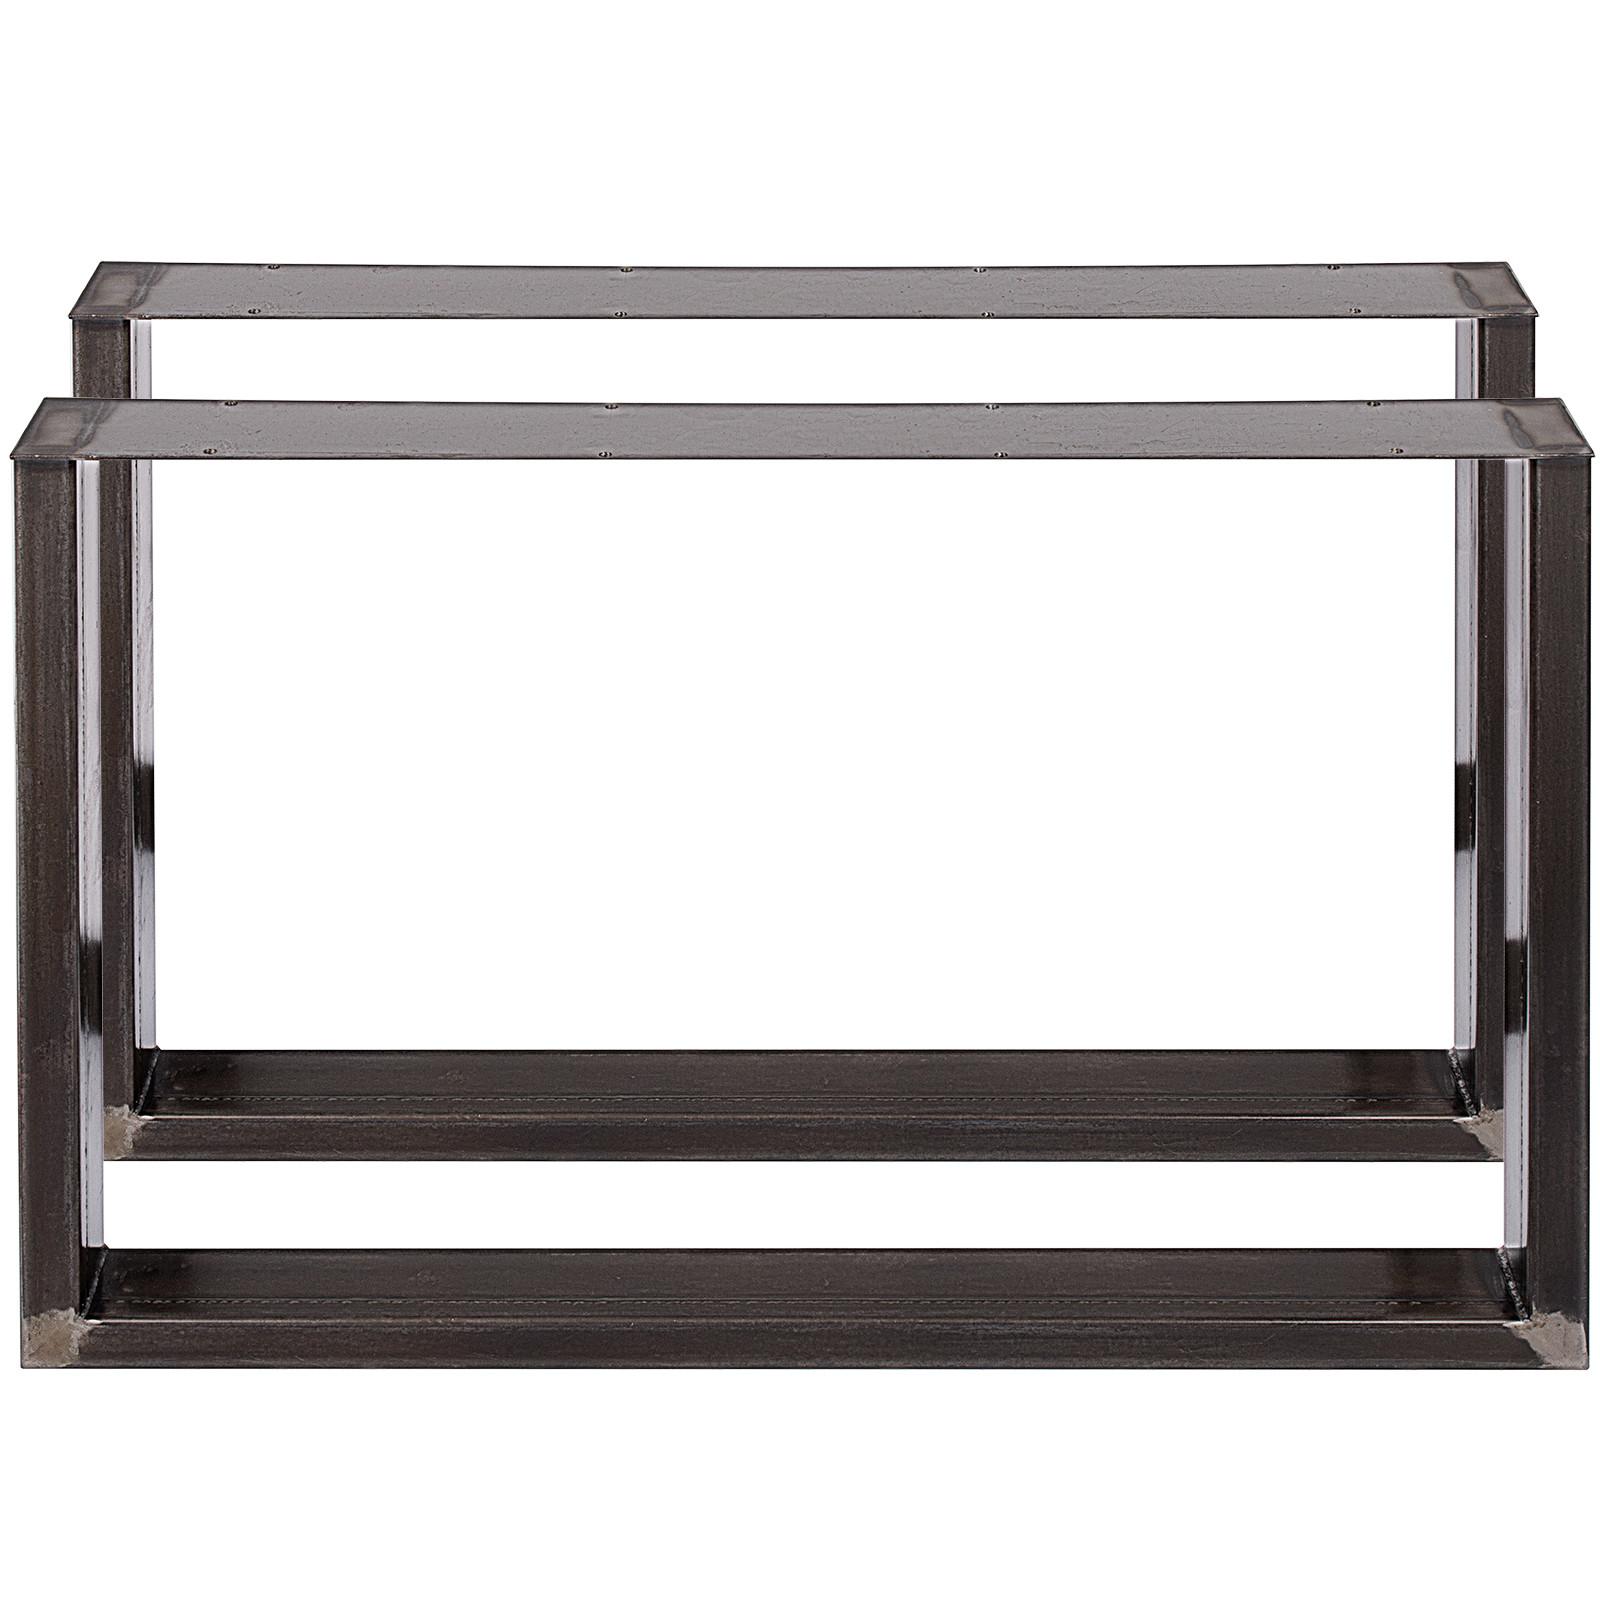 2x-Gambe-per-tavolo-piedi-tavolo-72X-100-CM-Salotto-Cucina-stile-industriale miniatura 6